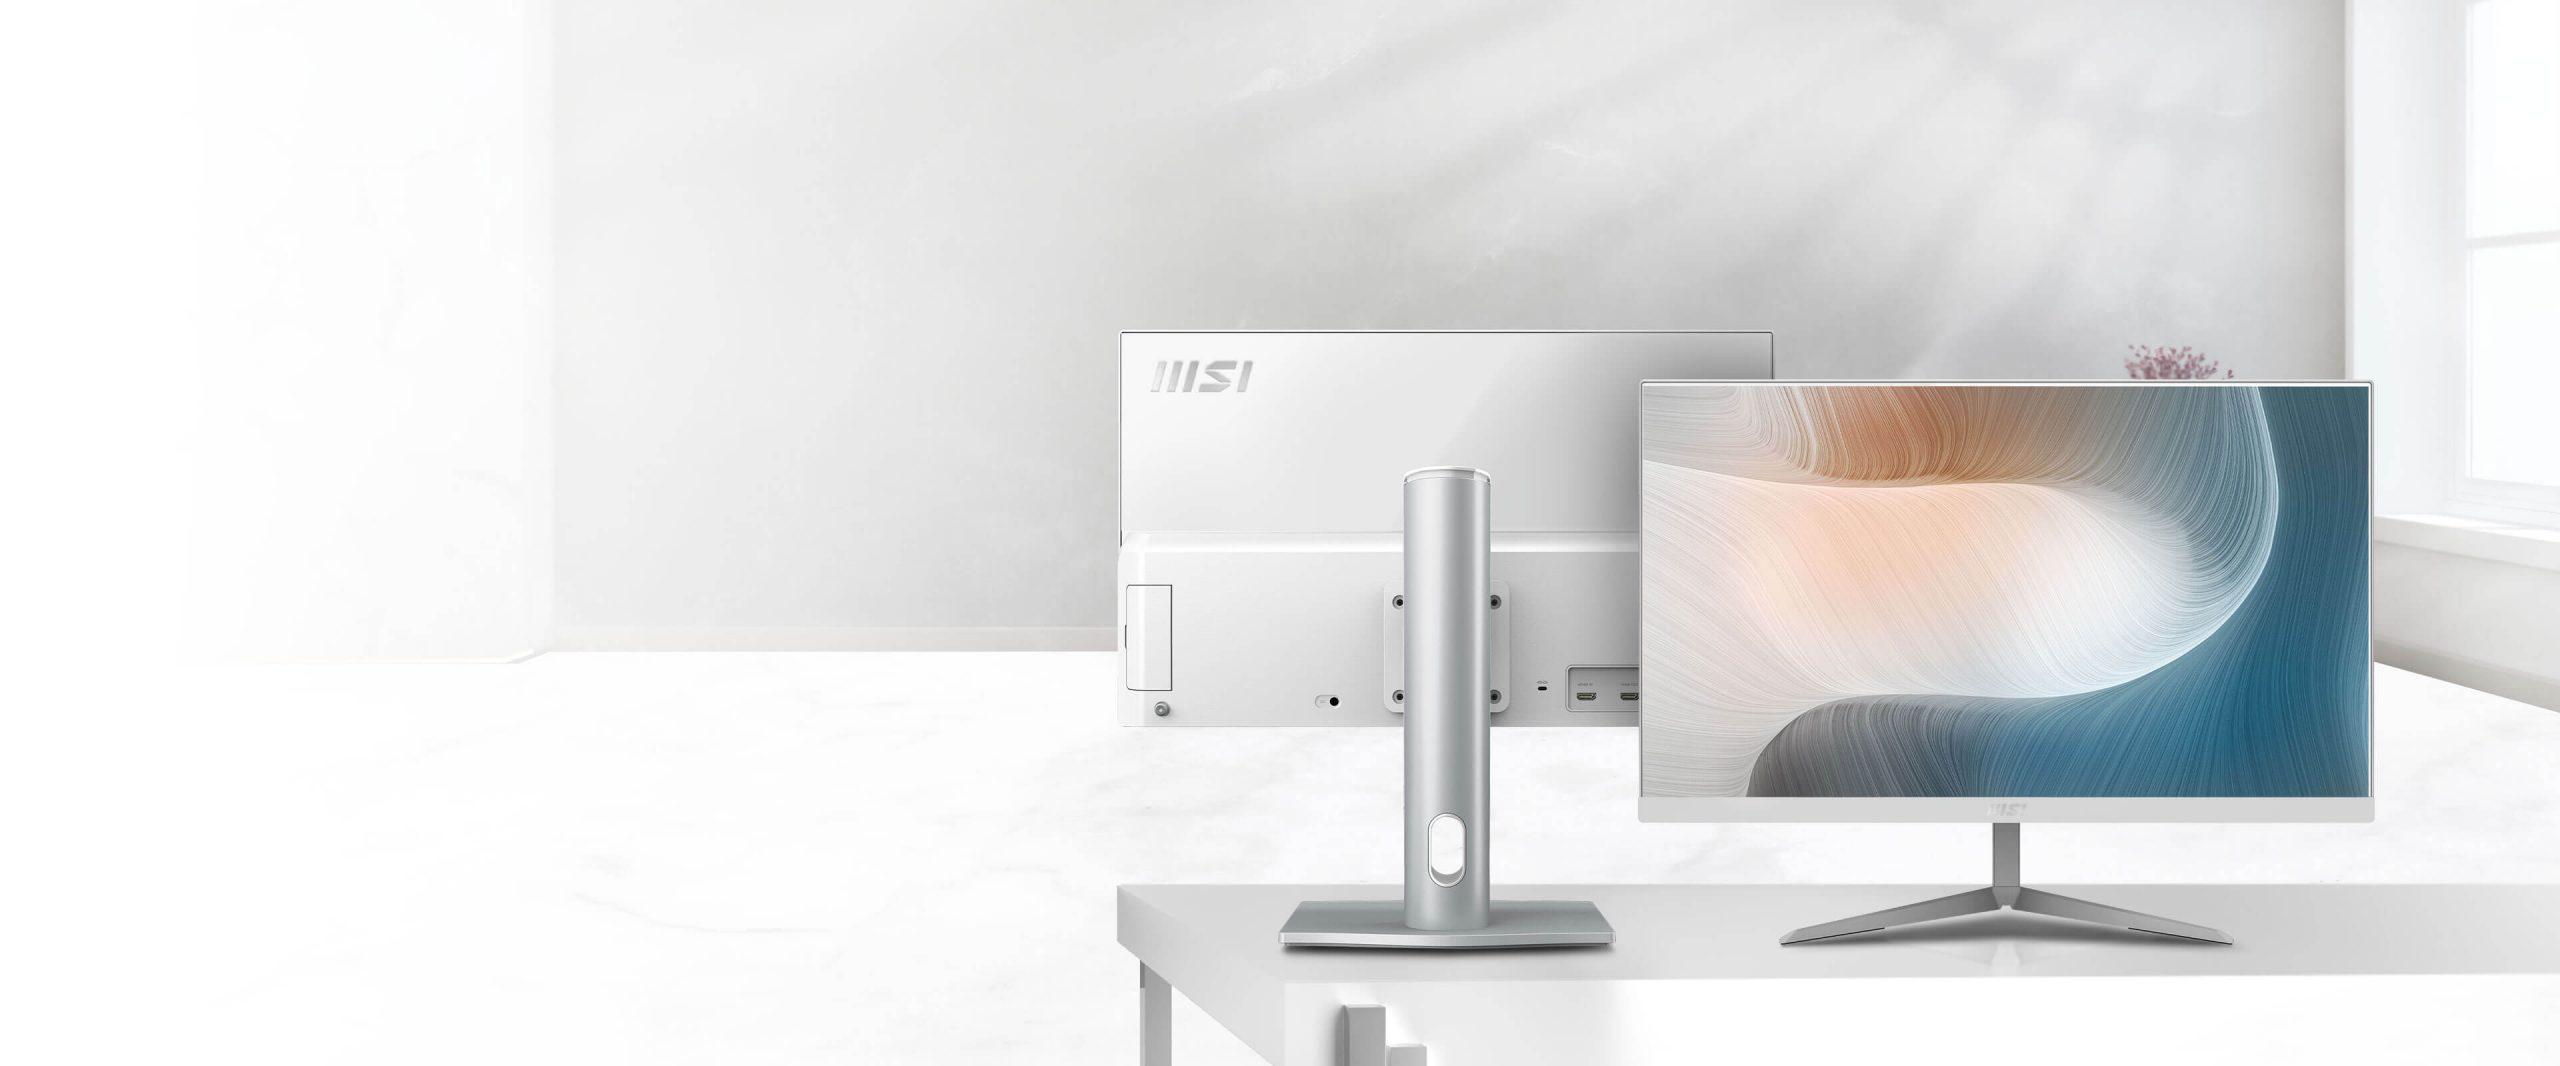 Современные моноблоки серий AM241 и AM271 от MSI готовы украсить ваш дом и офис